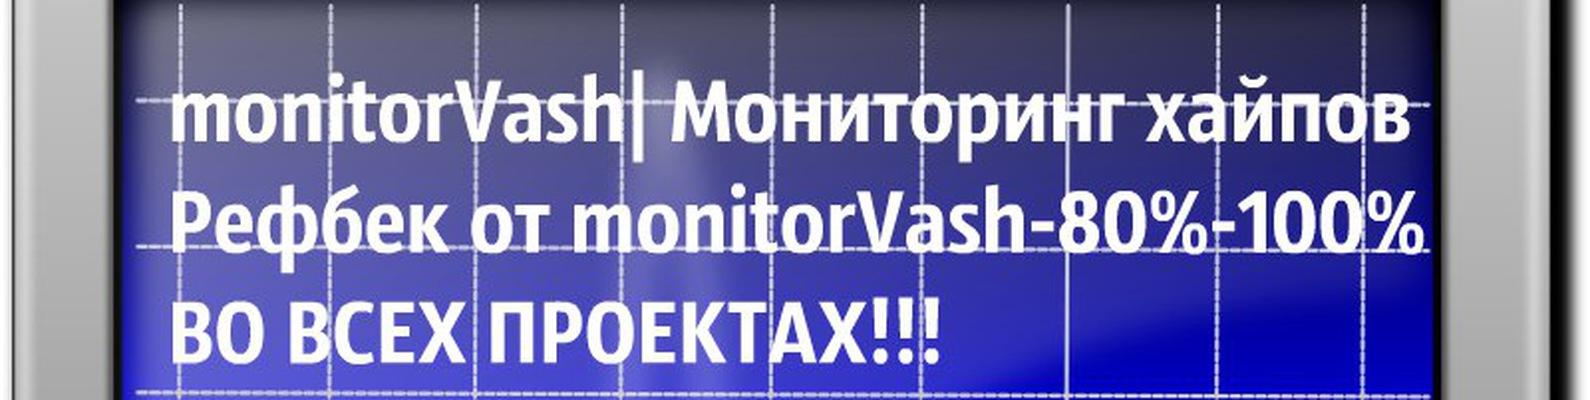 Лучший мониторинг хайпов омск